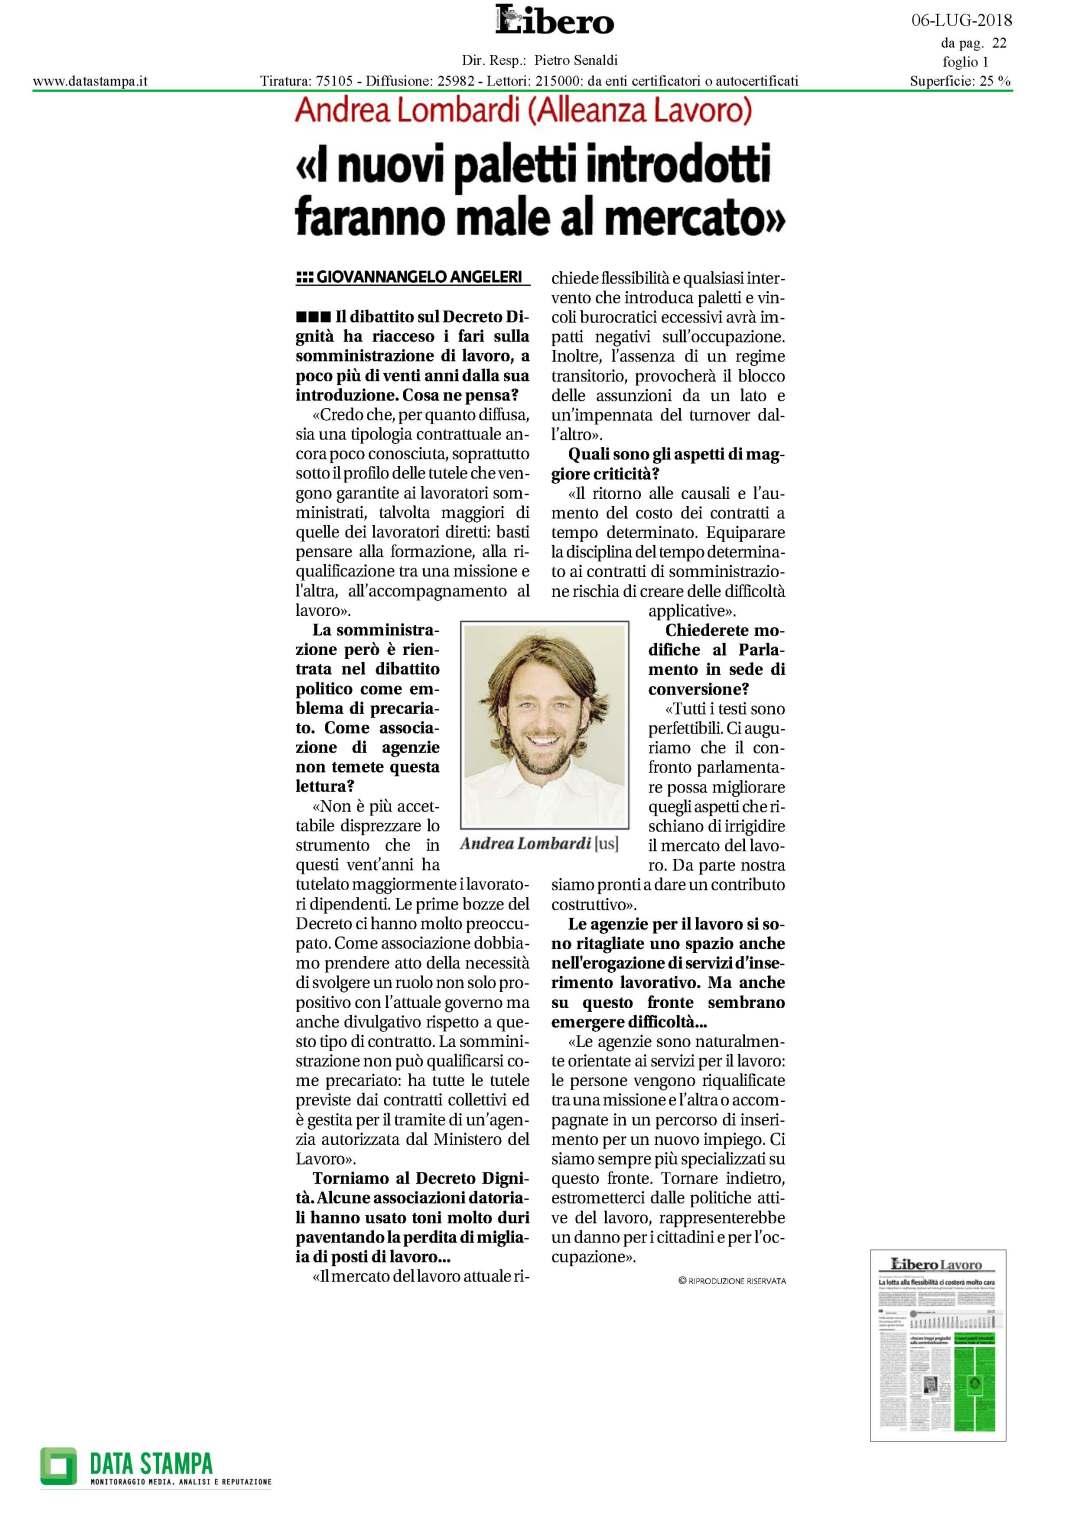 Libero: Andrea Lombardi (Alleanza Lavoro): I nuovi paletti introdotti faranno male al mercato